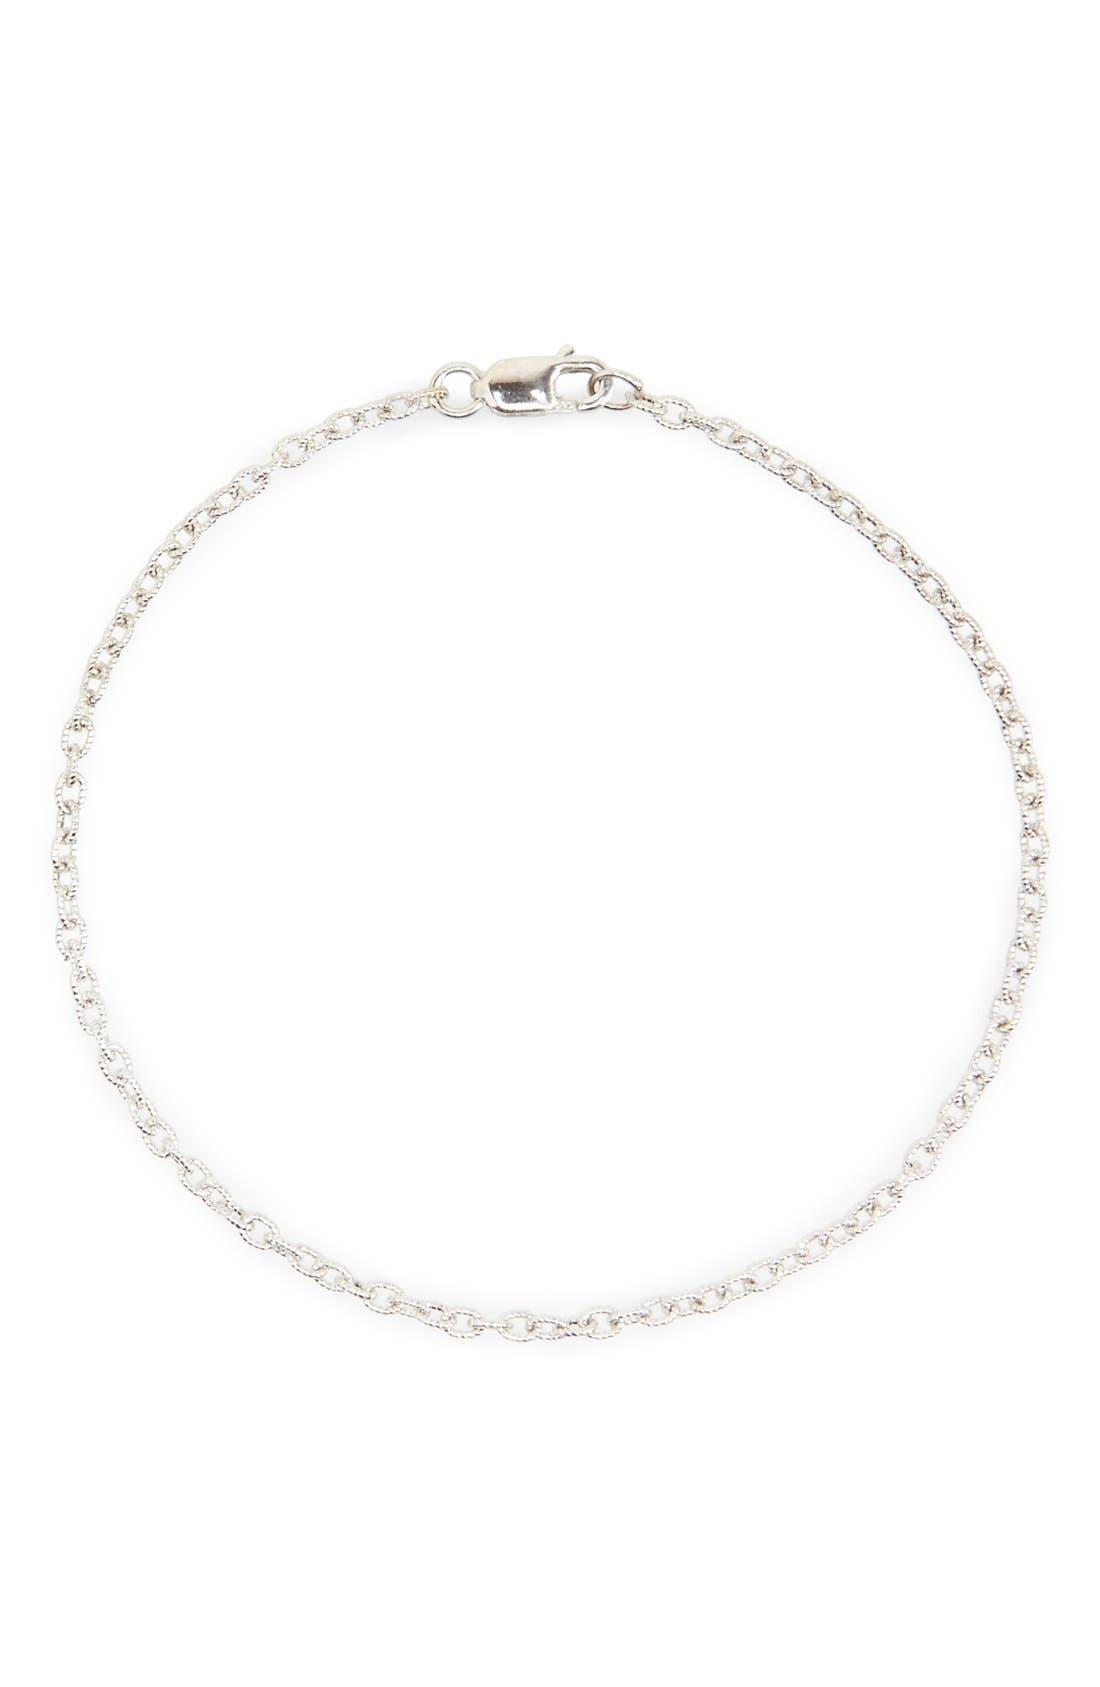 Etched Link Bracelet,                         Main,                         color, White Gold